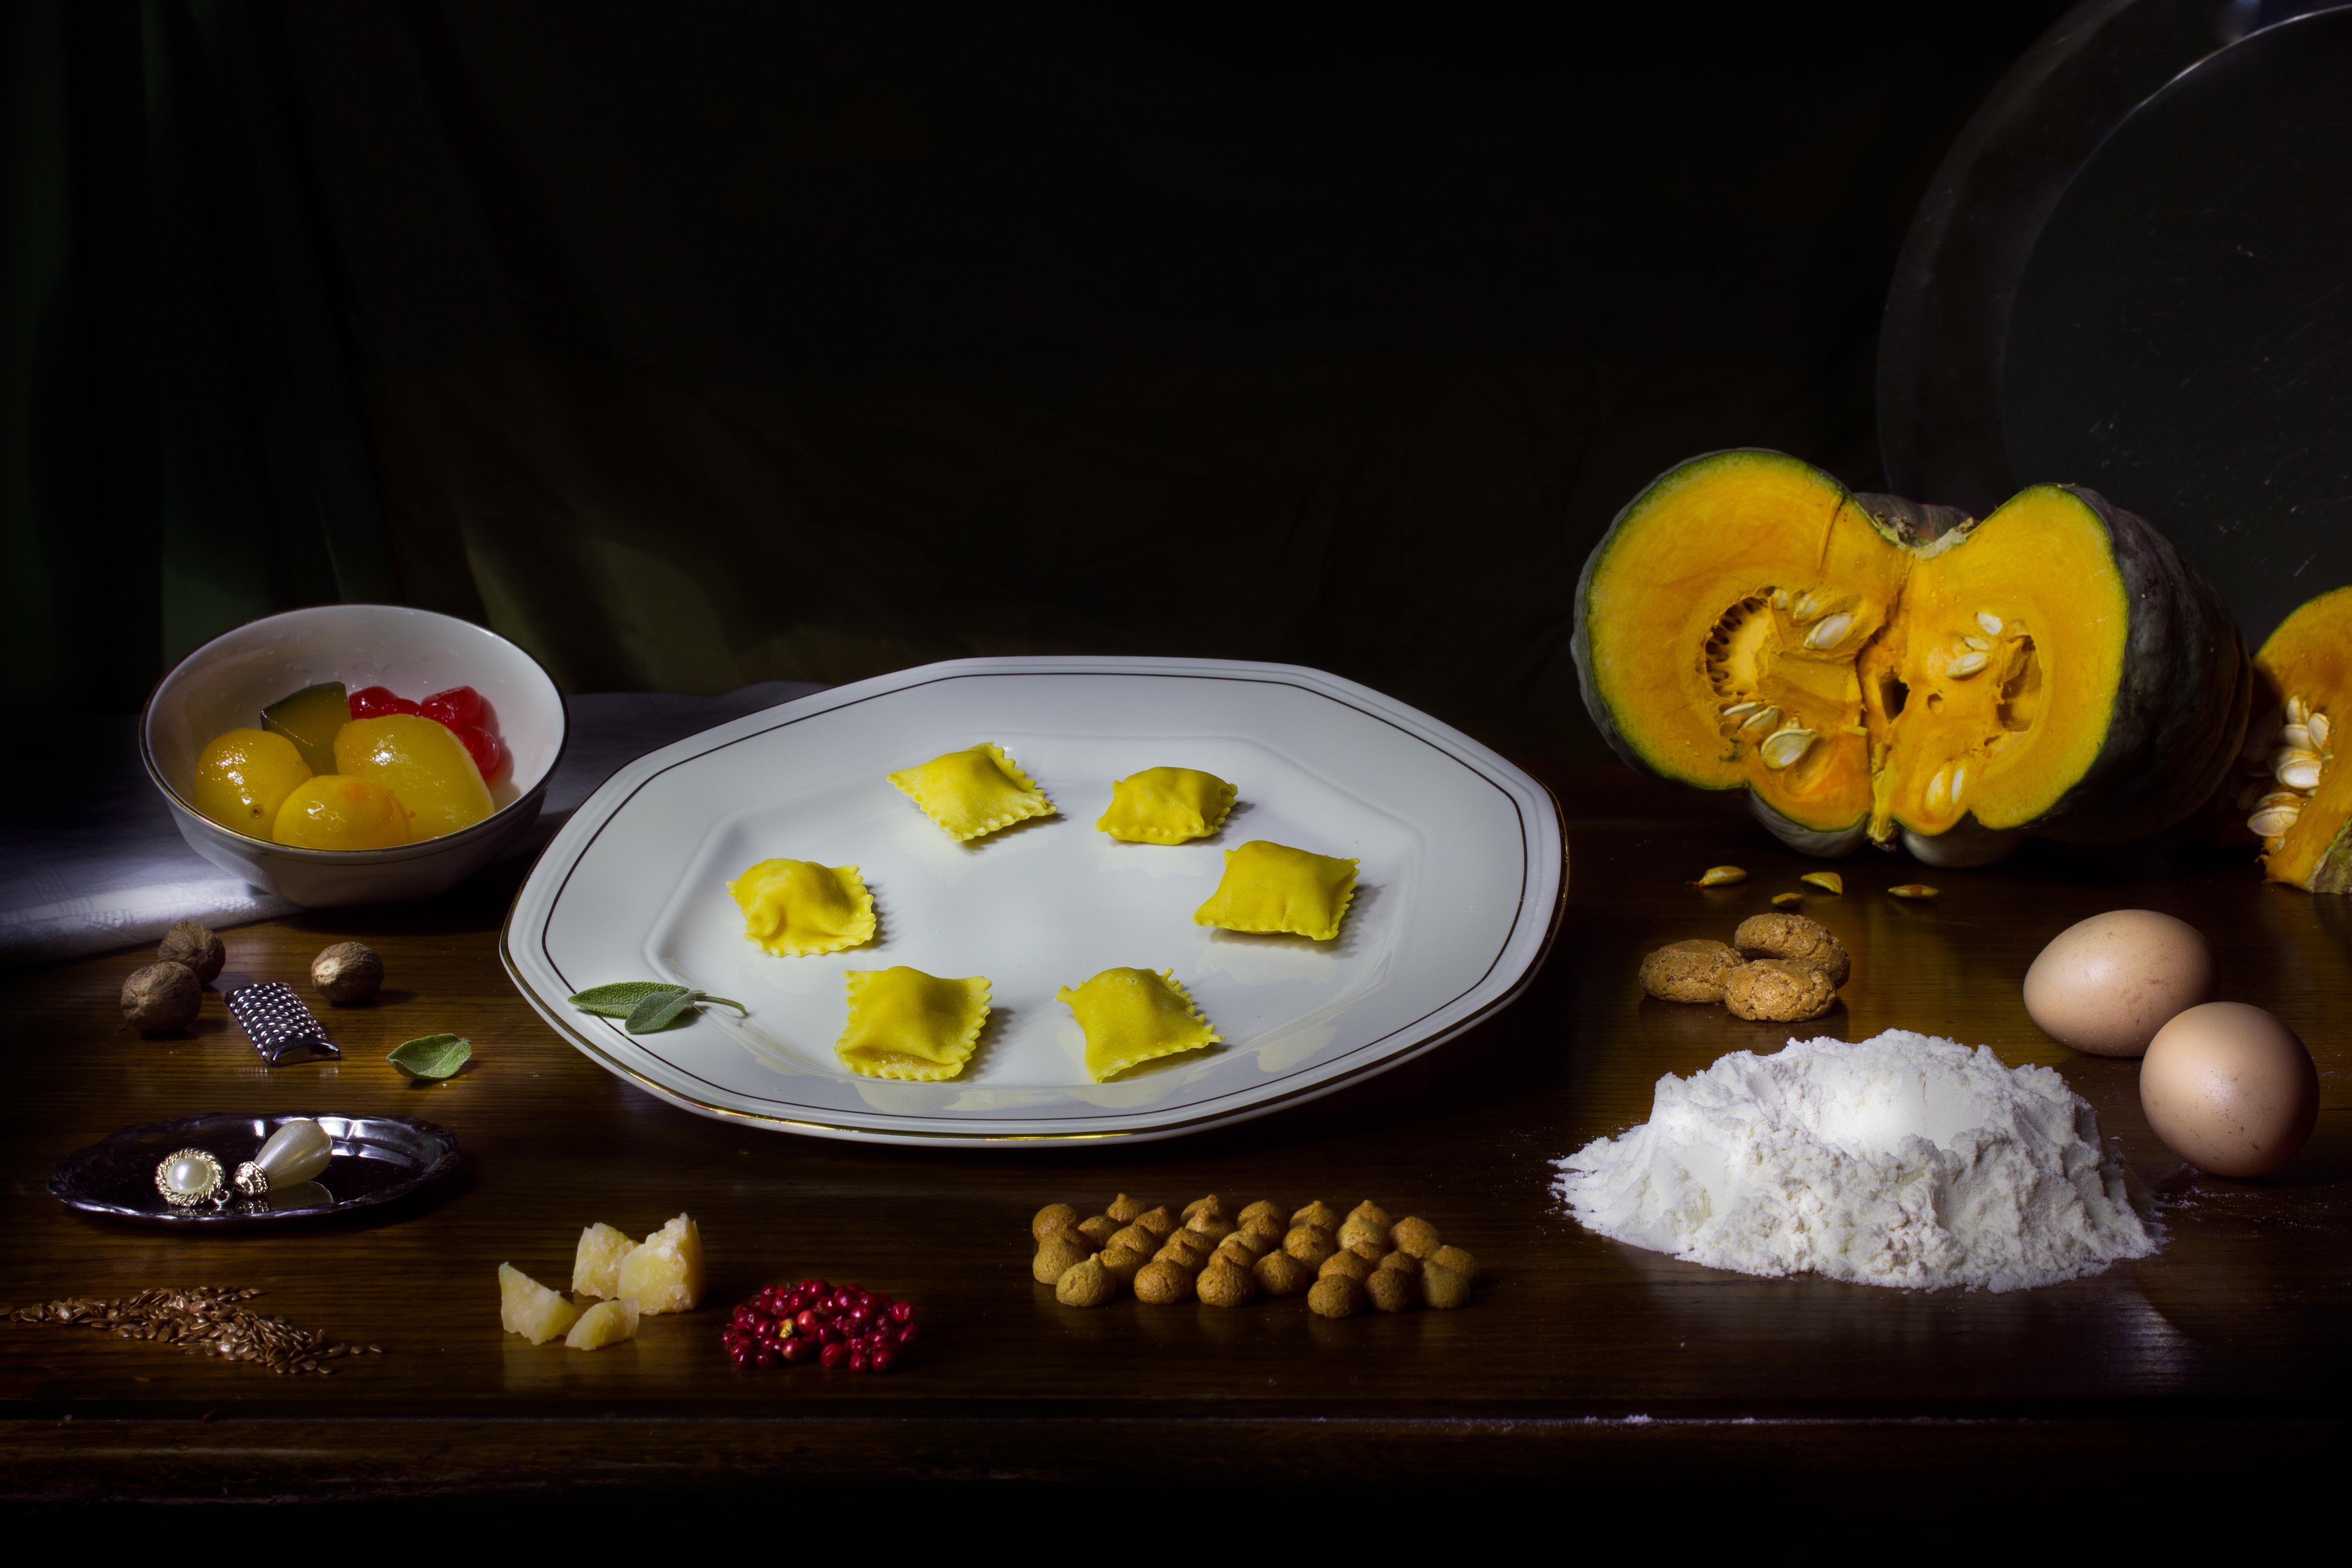 Kostenlose foto : Italien, italienisches Essen, Lebensmittel ...